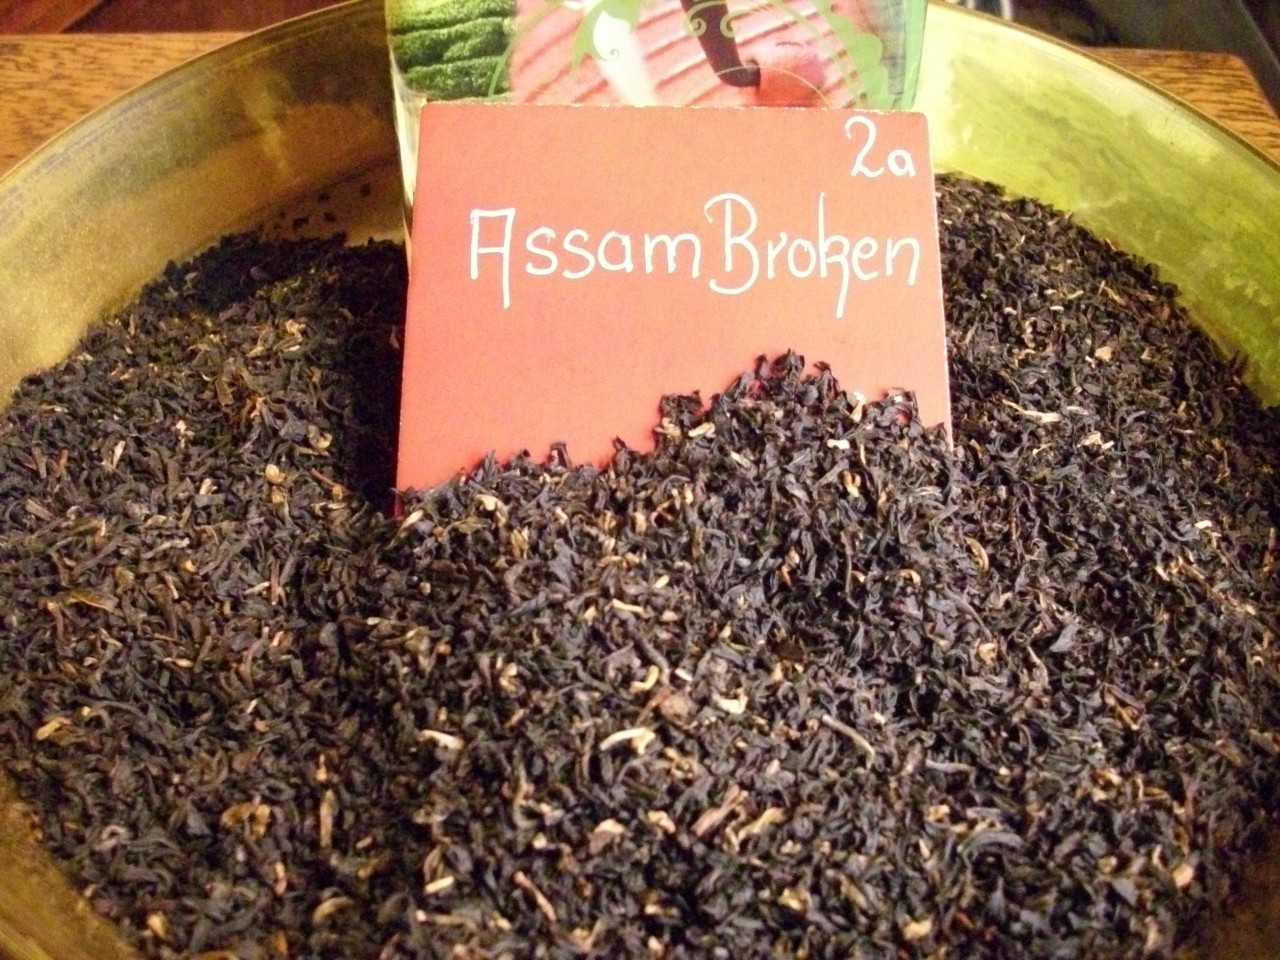 Assam 2a